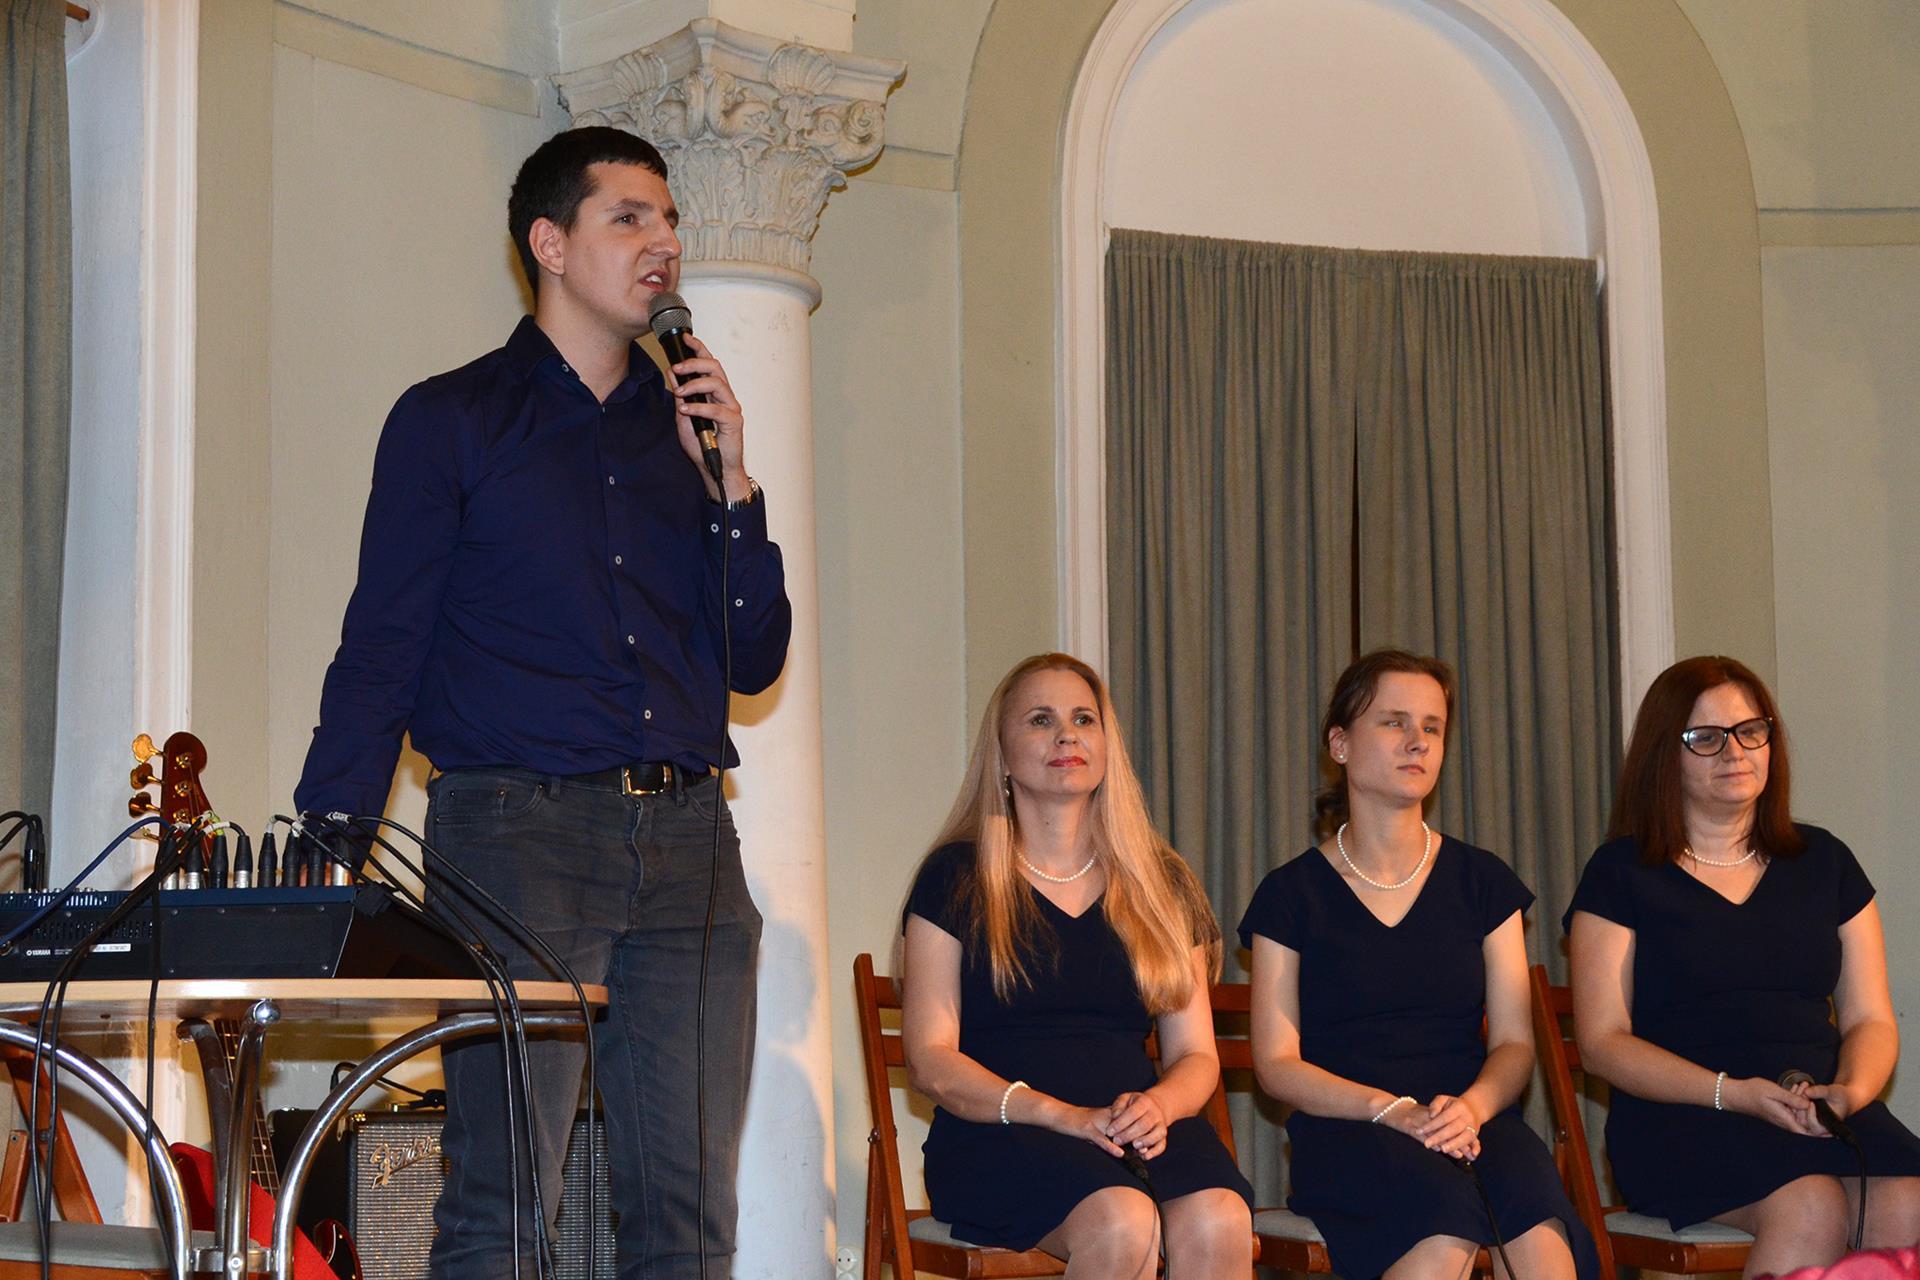 Mężczyzna stoi, śpiewa. Po jego lewej stronie siedzą trzy kobiety, ubrane są w granatowe sukienki.